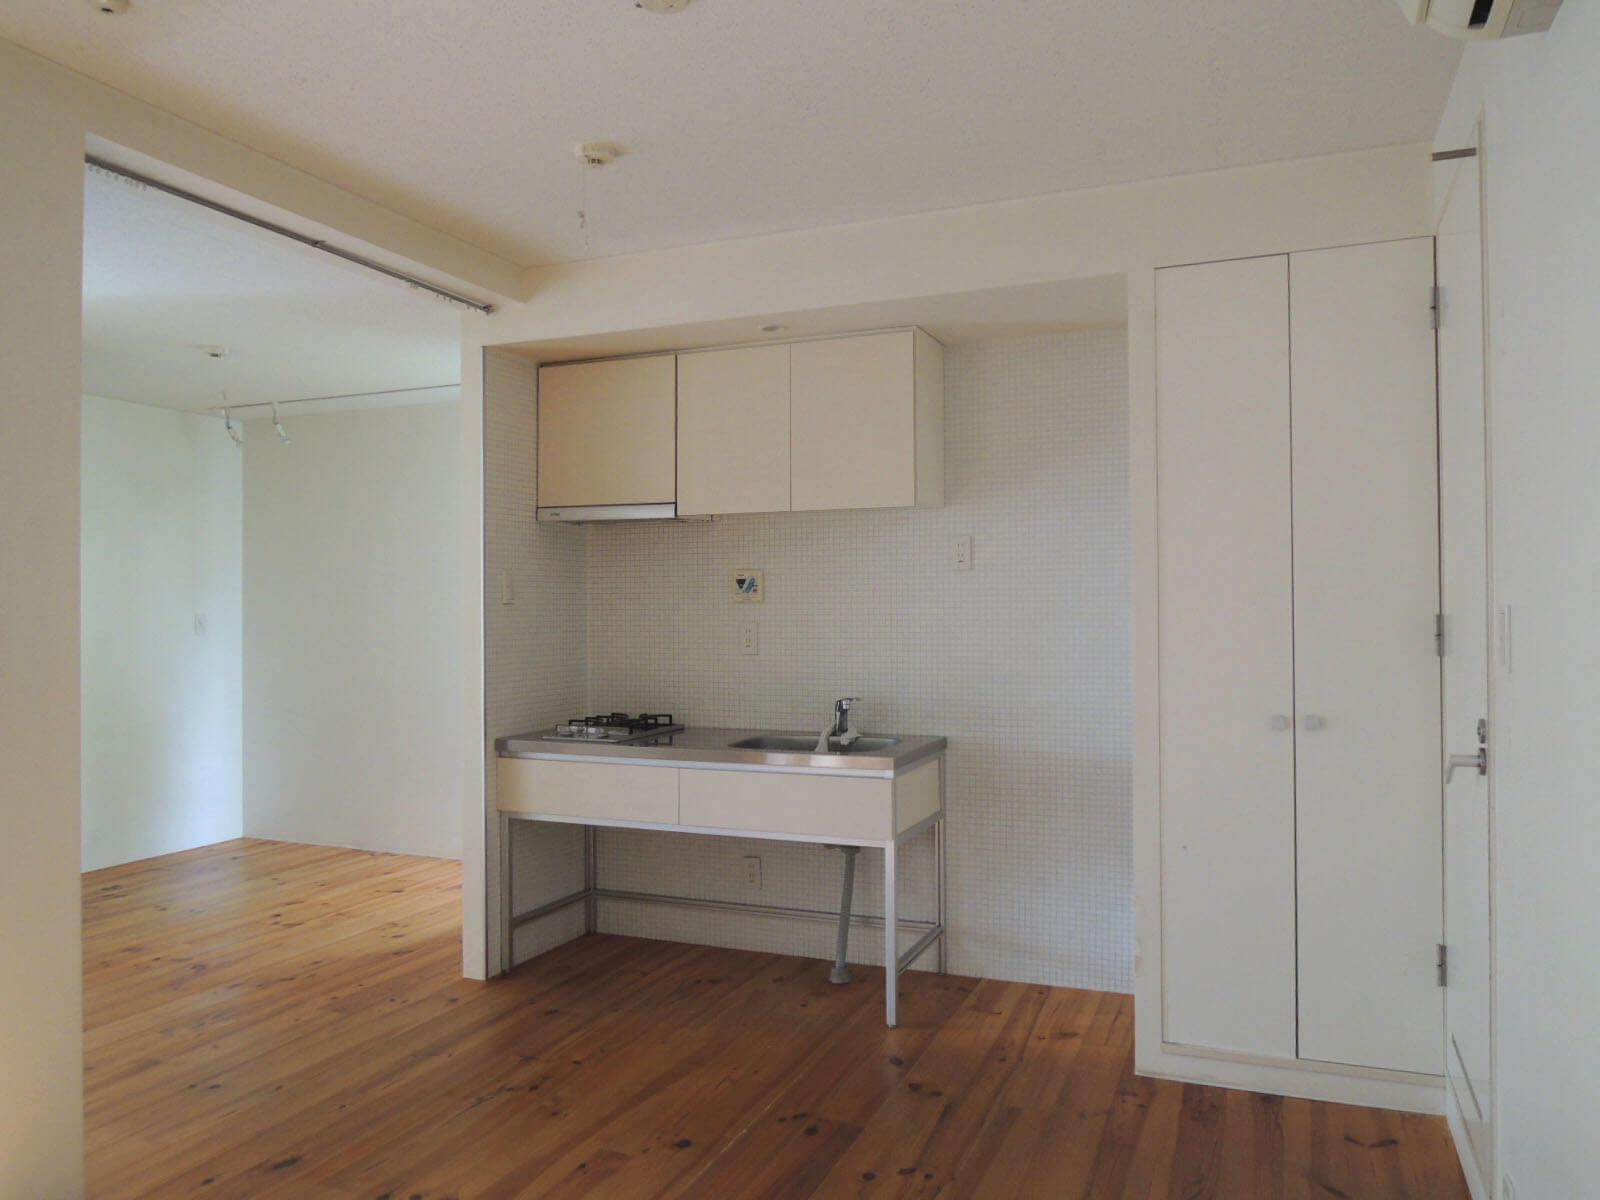 キッチンは過不足なく、左奥はベッドスペースに